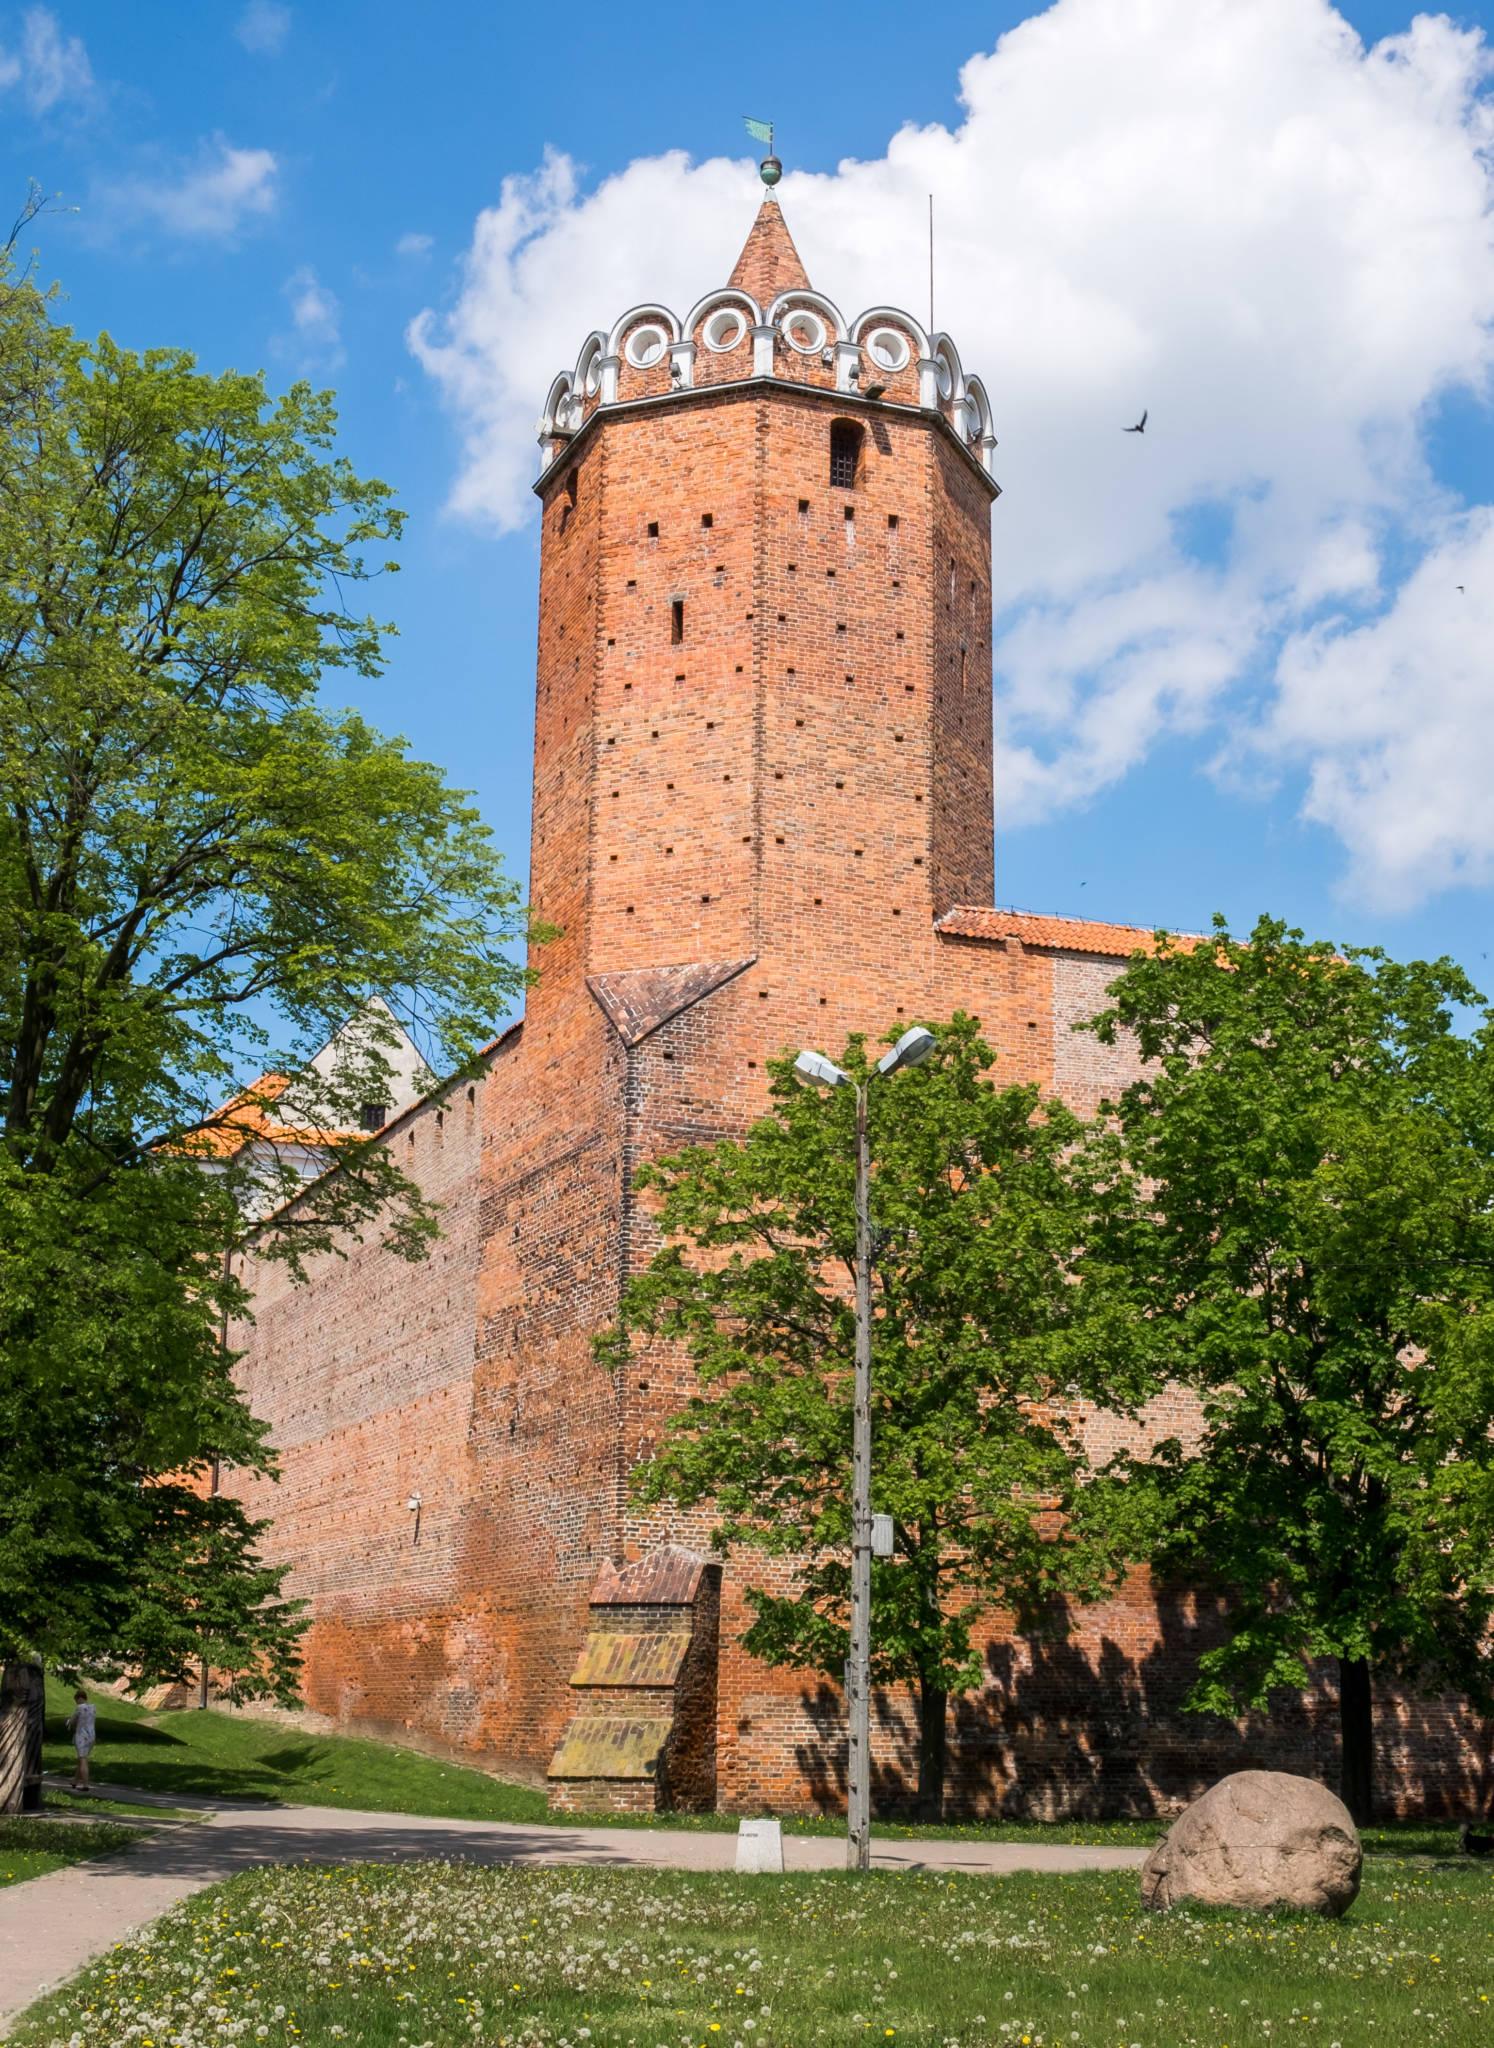 Zamek w Łeczycy (11 of 13)